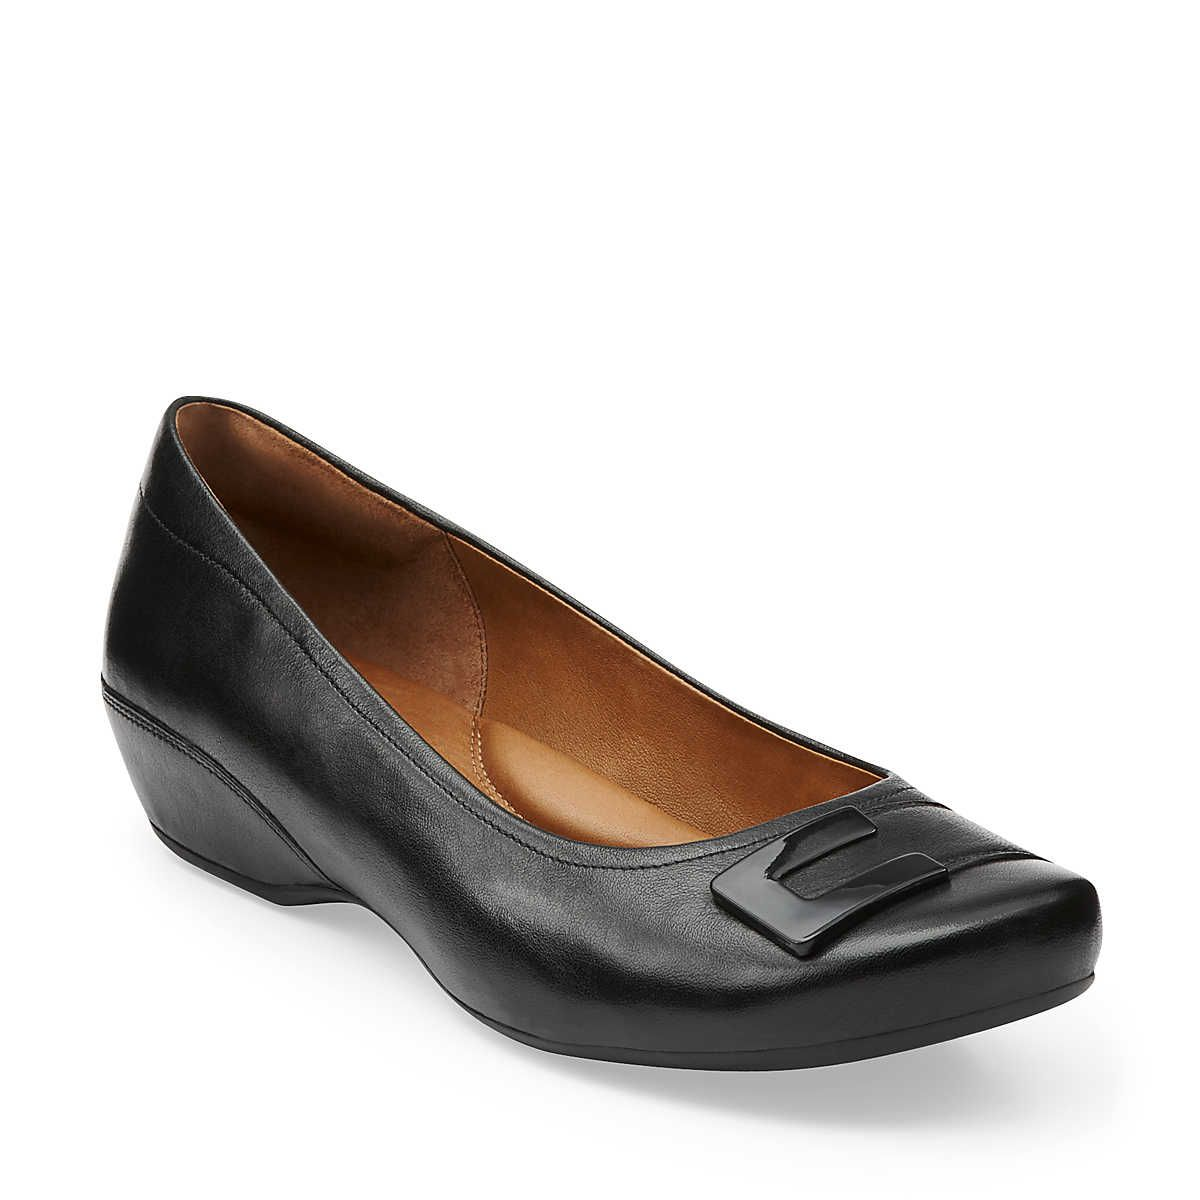 Concert Choir | Black leather shoes